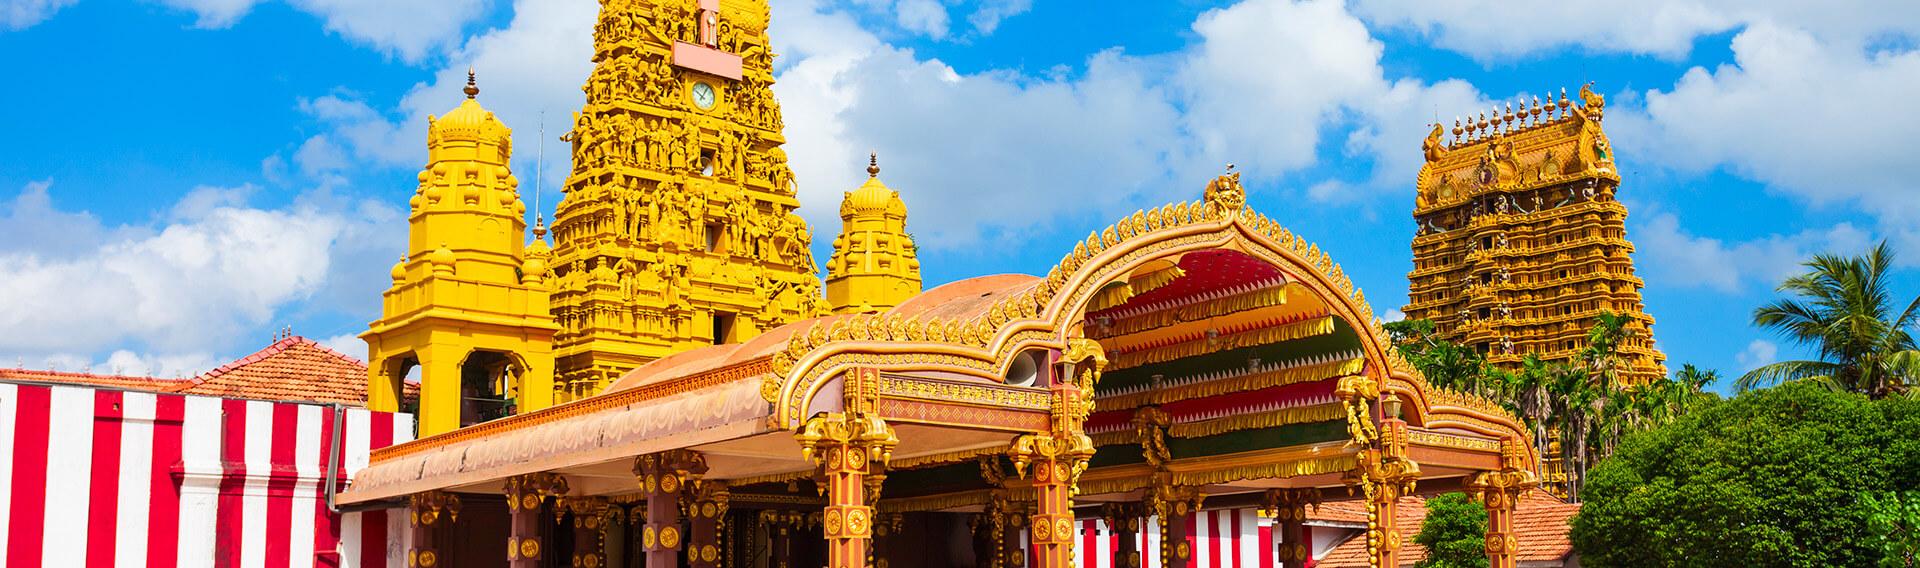 Sri Lanka, Northern, Jaffna